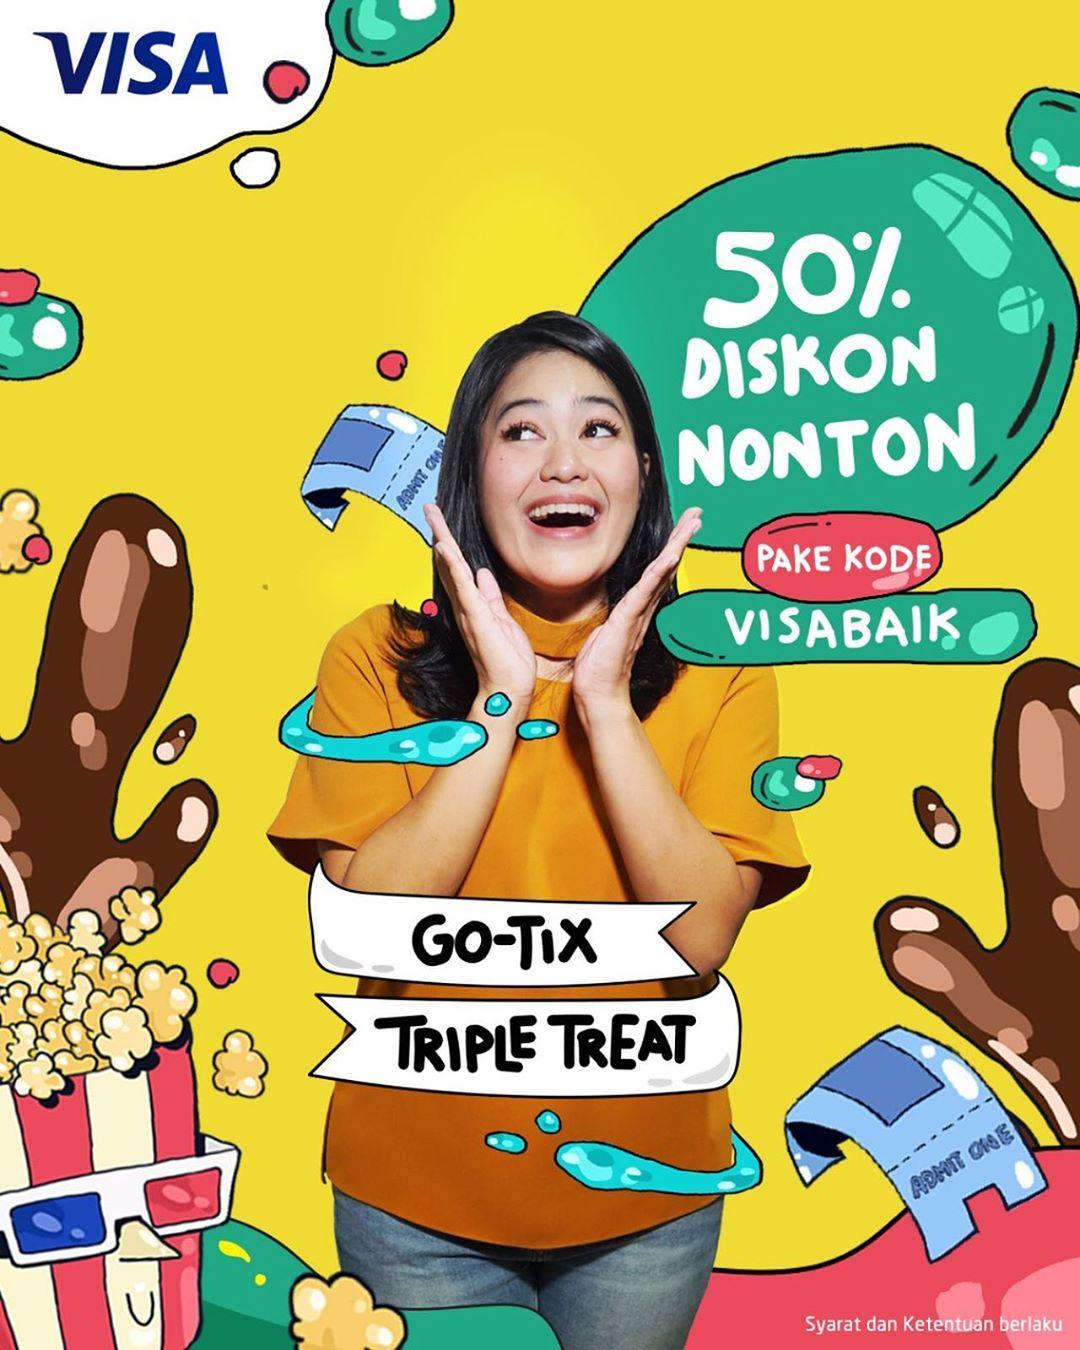 GOTIX Promo DISKON 50% buat beli tiket nonton film dengan kartu kredit/debit berlogo VISA